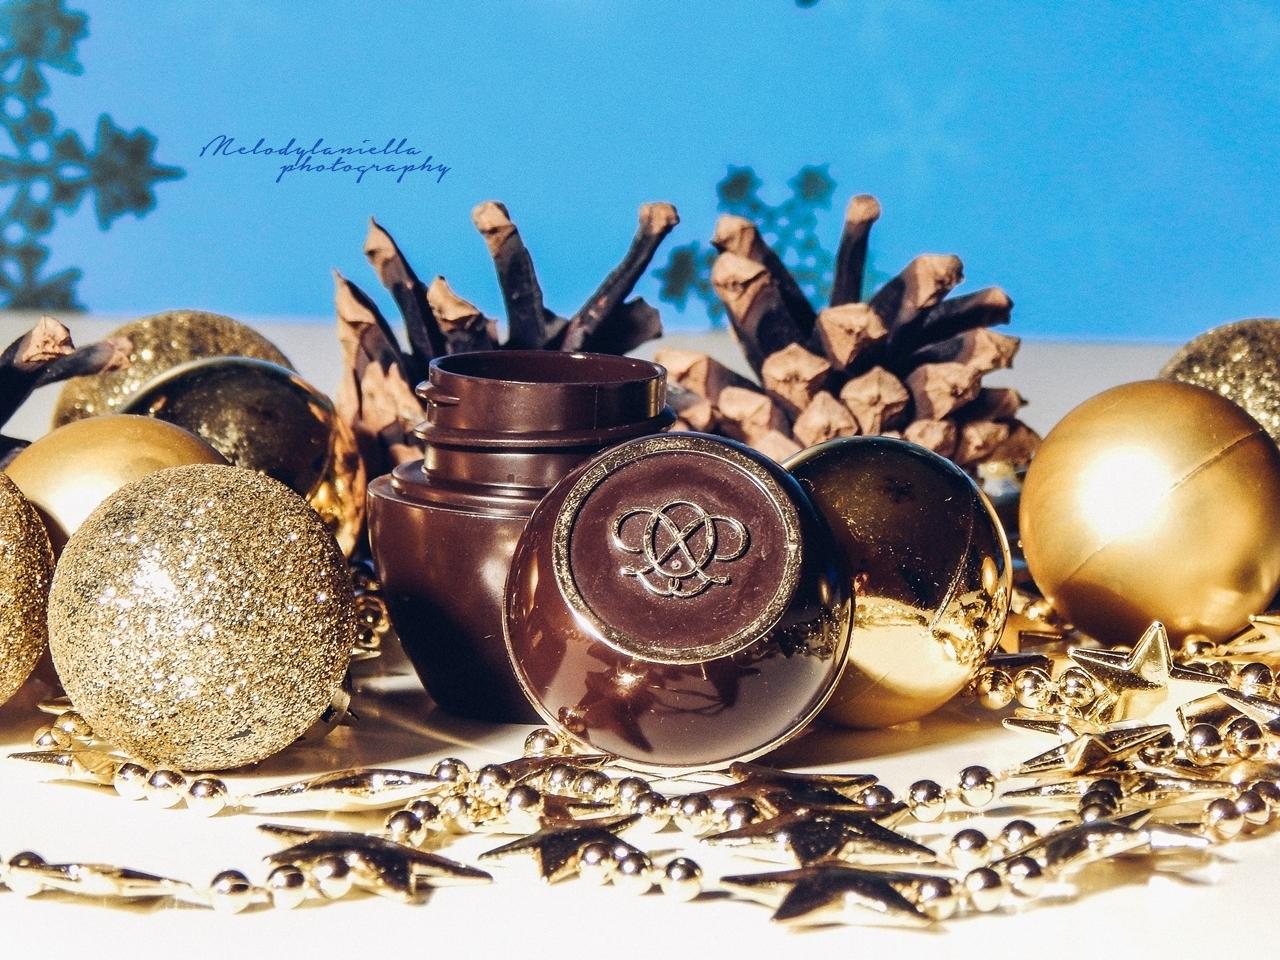 oriflame czekoladowe maslo do ust swieta zapach boze narodzenie aromaty zatrzymaj chwile swiat w domu uroda makijaz cialo